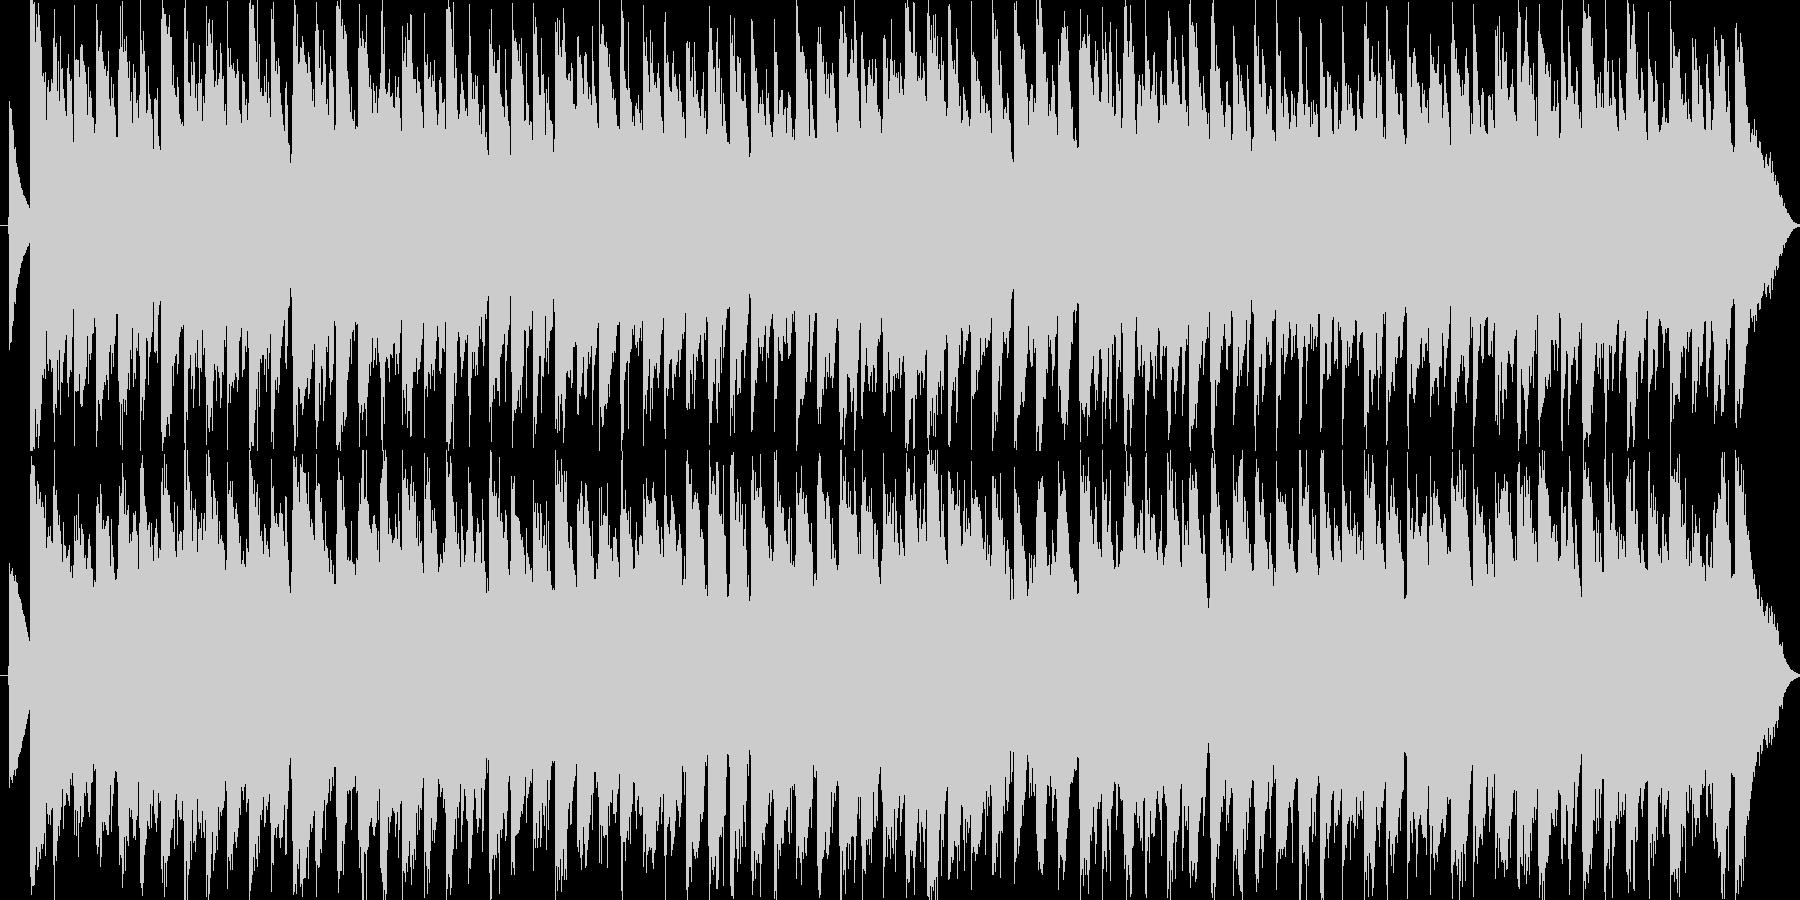 チェンバロとストリングスの協奏曲ですの未再生の波形